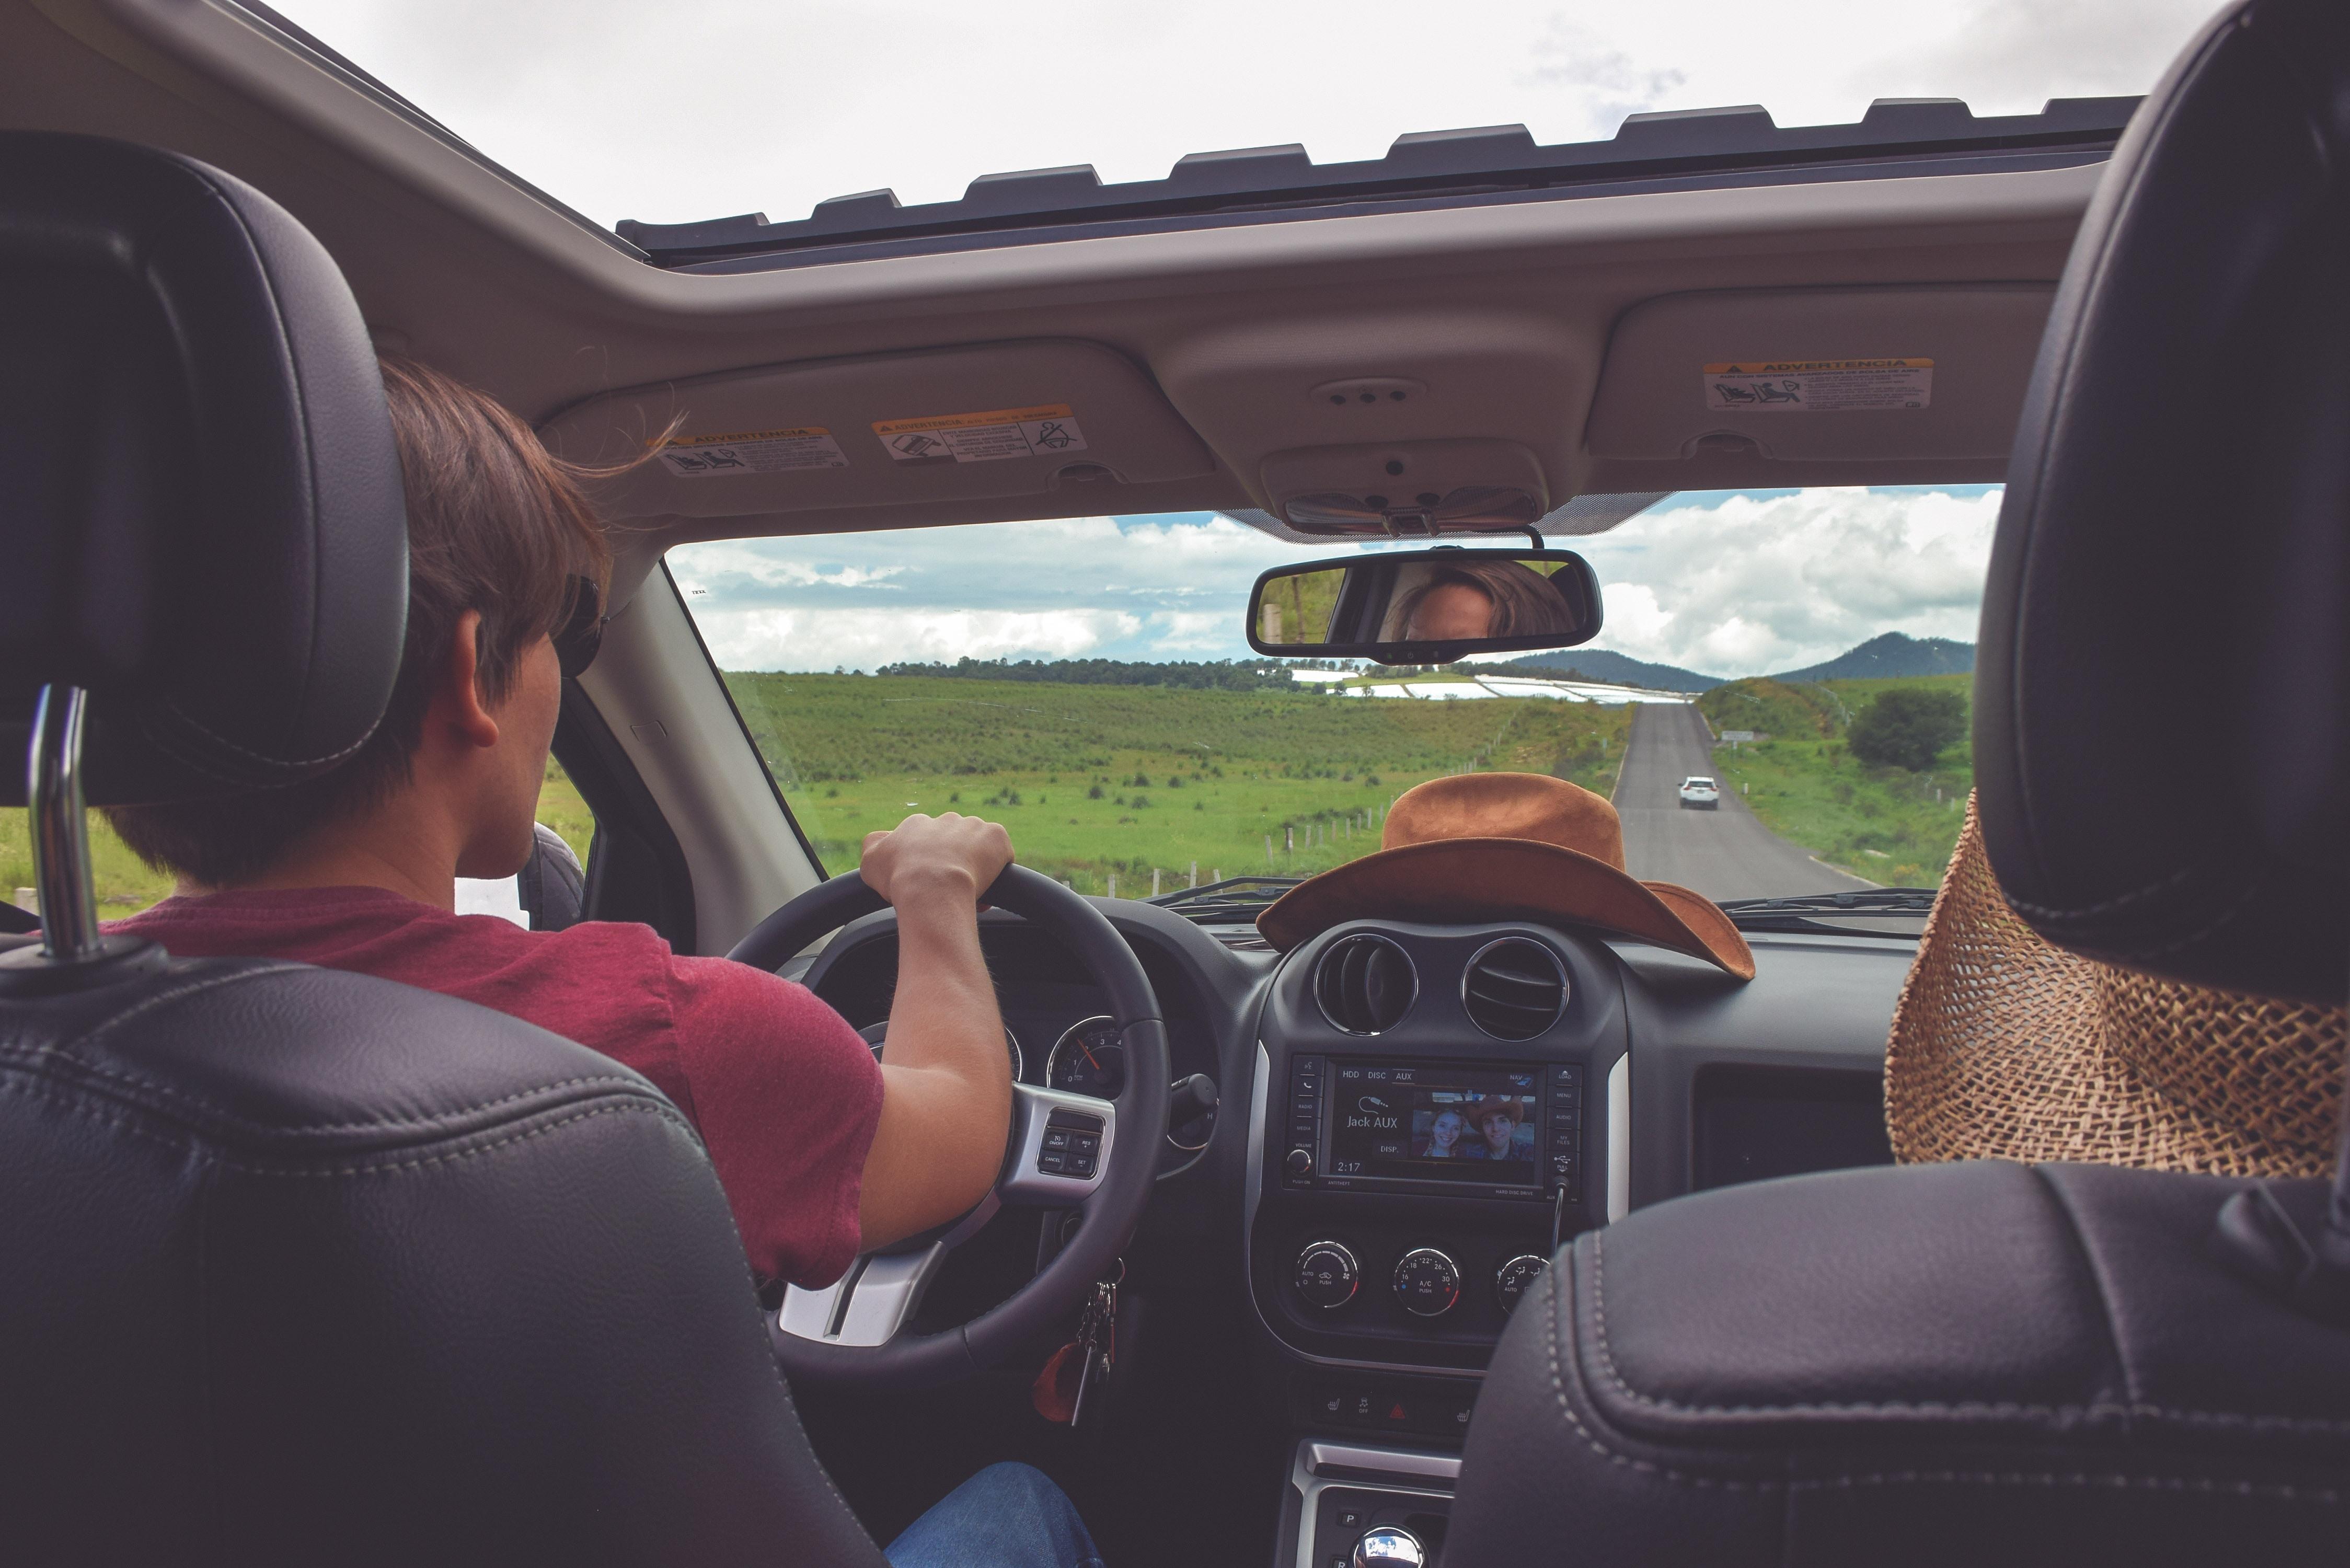 Συμβουλές για ξεκούραστη οδήγηση